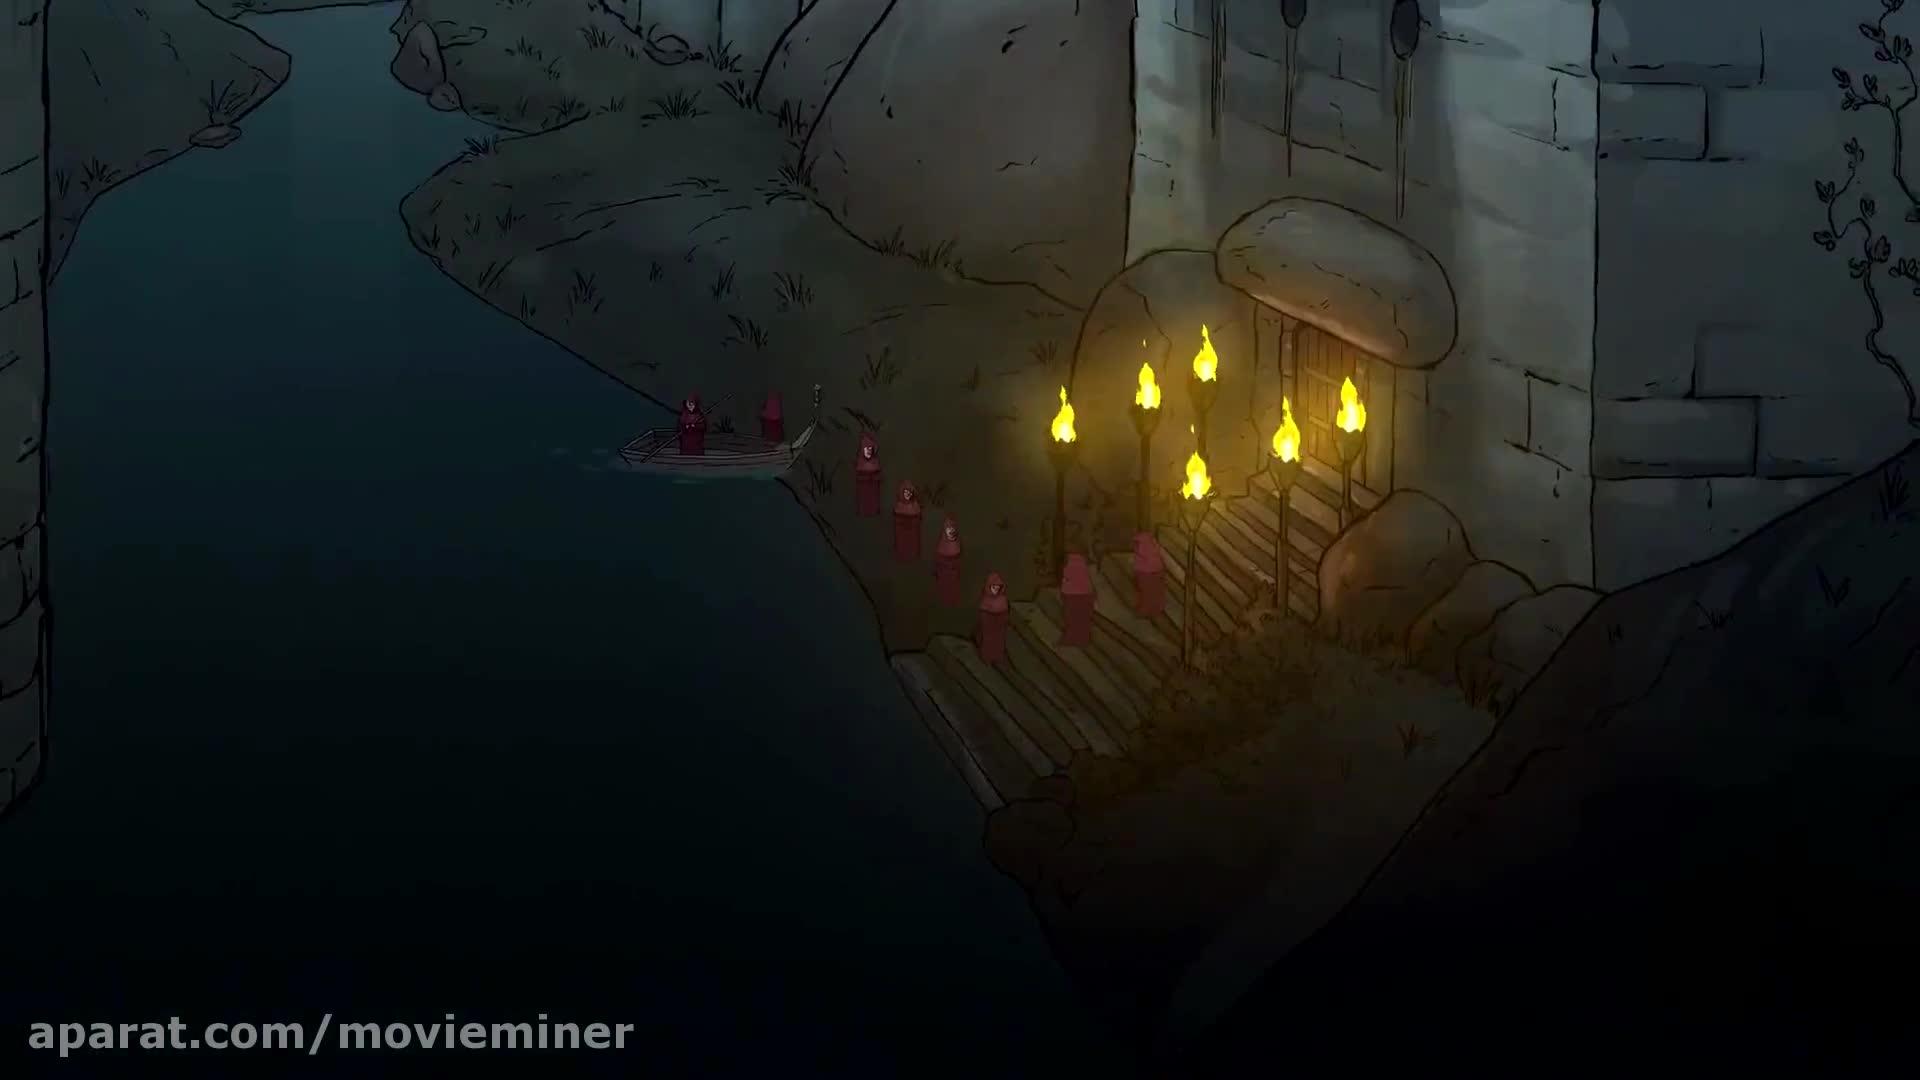 انیمیشن طلسم شدگان - فصل 1 قسمت 4 (دوبله فارسی)